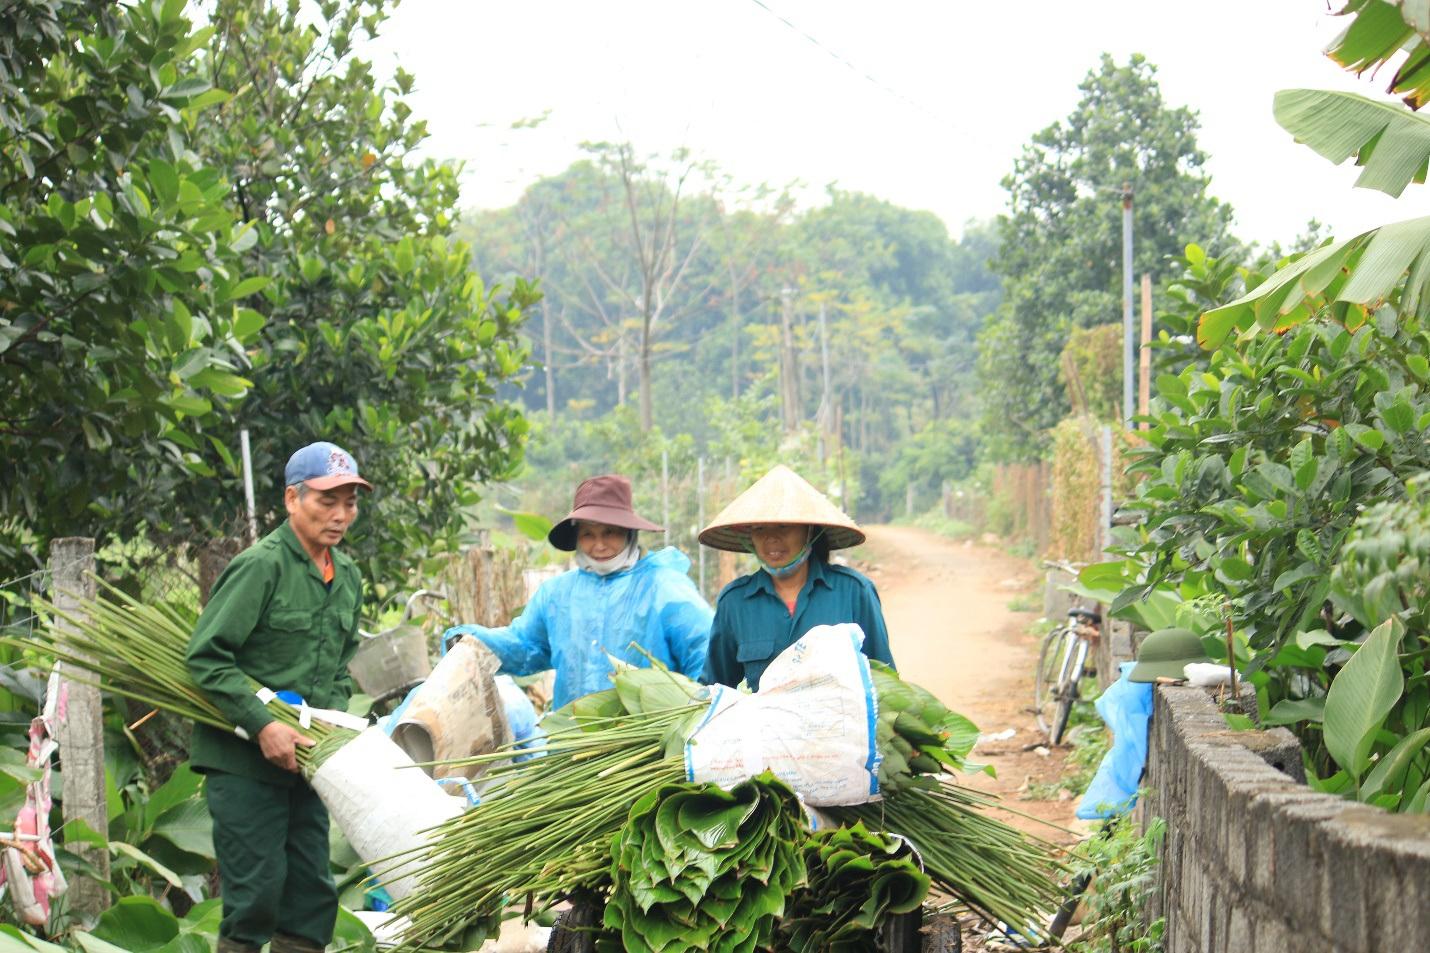 Ngôi làng cổ 400 năm trồng lá dong ở Hà Nội, người dân hái lá đếm tiền - 3